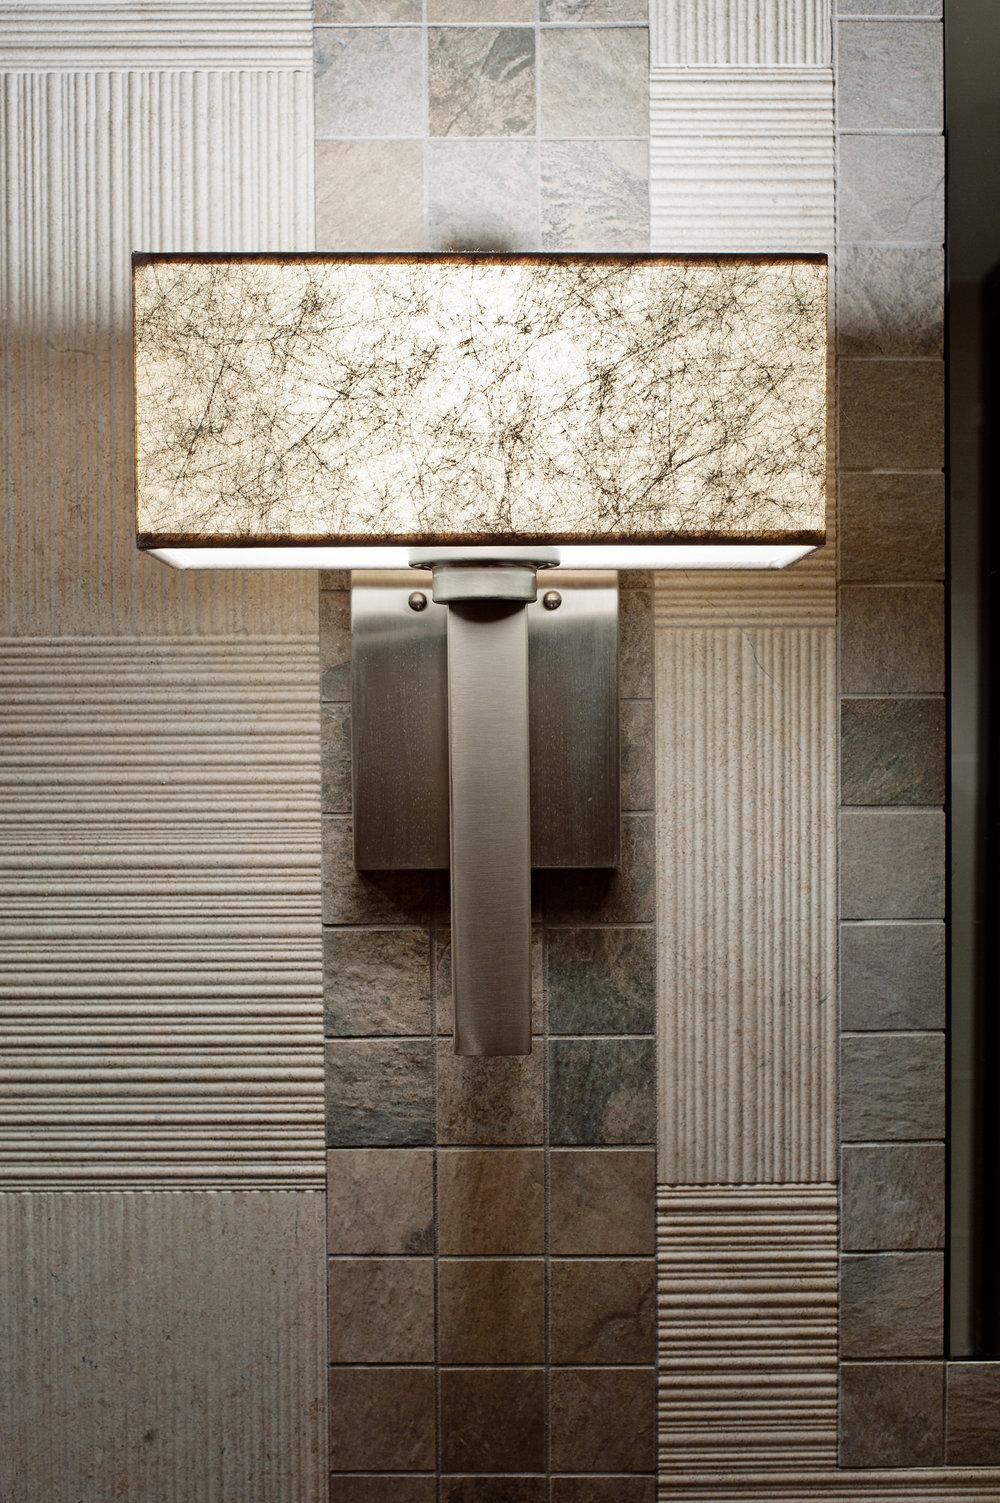 Restaurant Bathroom Light Sconce.jpg